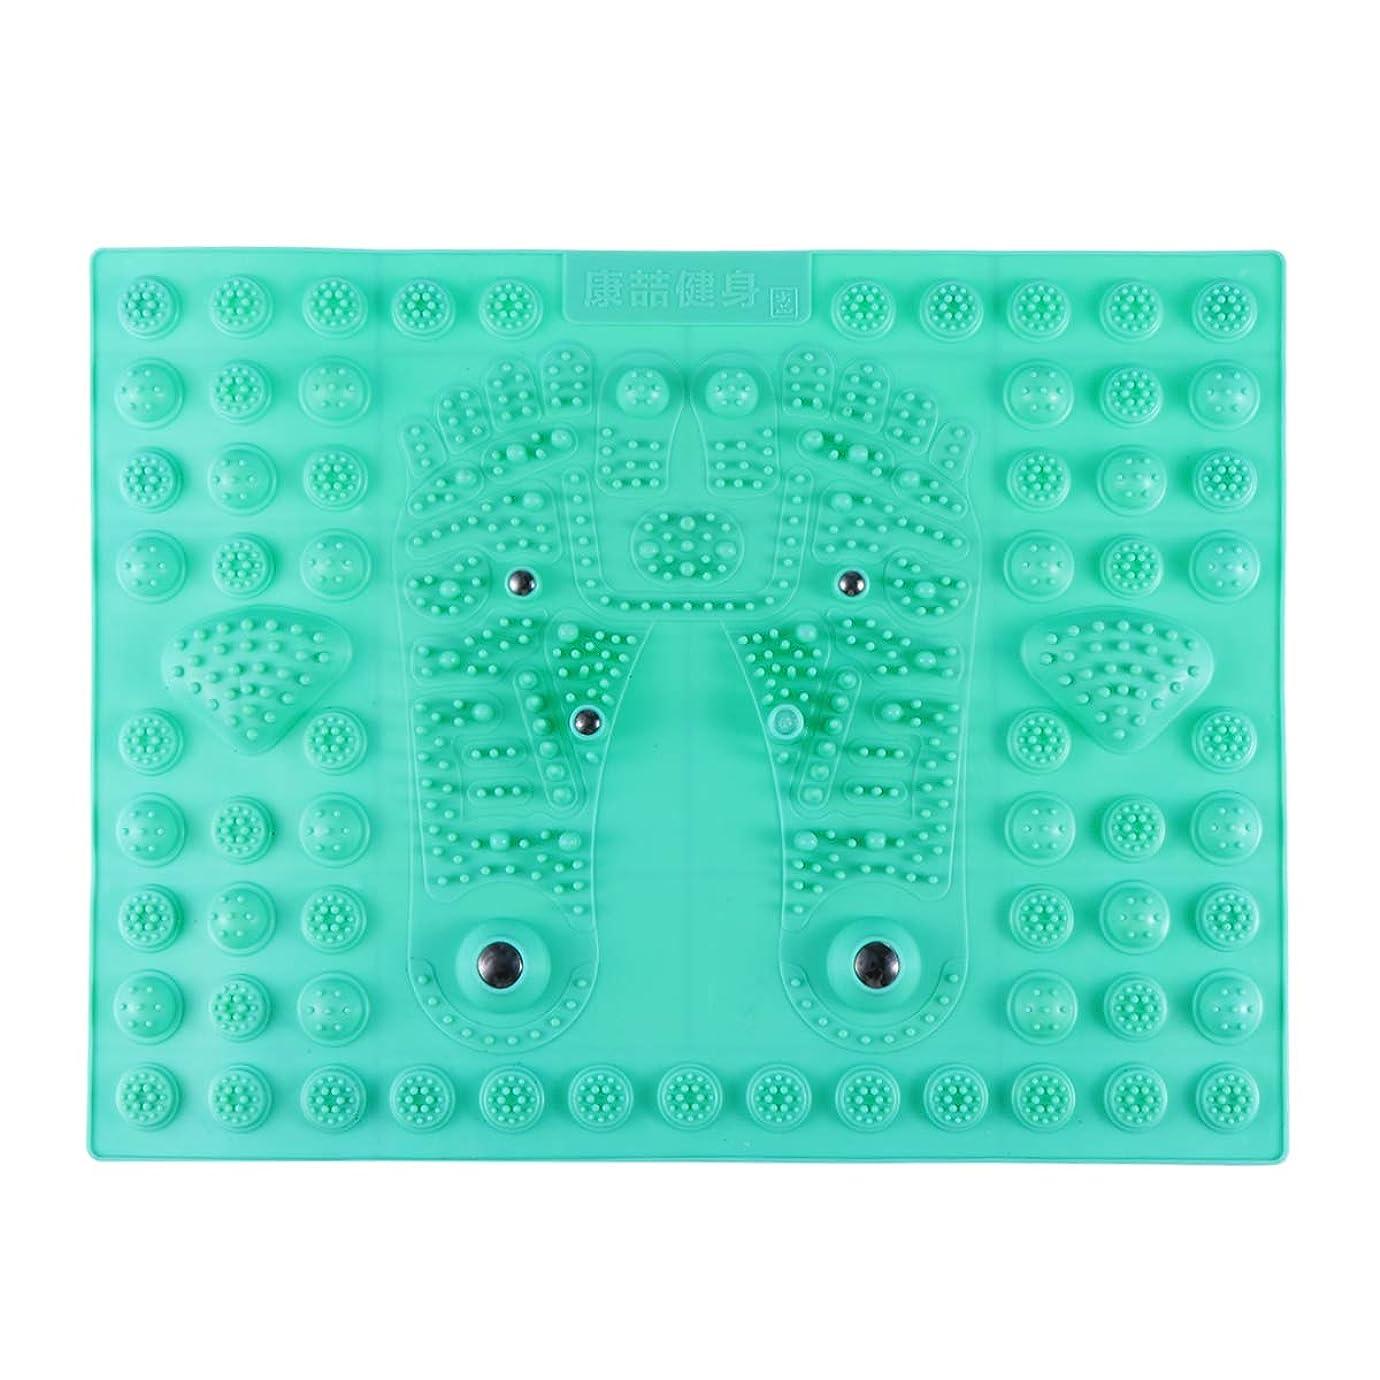 やるワークショップエクステントHealifty リフレックスマッサージマット フットマッサージャー 磁気療法 プラスチック つま先プレッシャー プレートマッサージパッド 指圧リラクゼーションマット(グリーン)